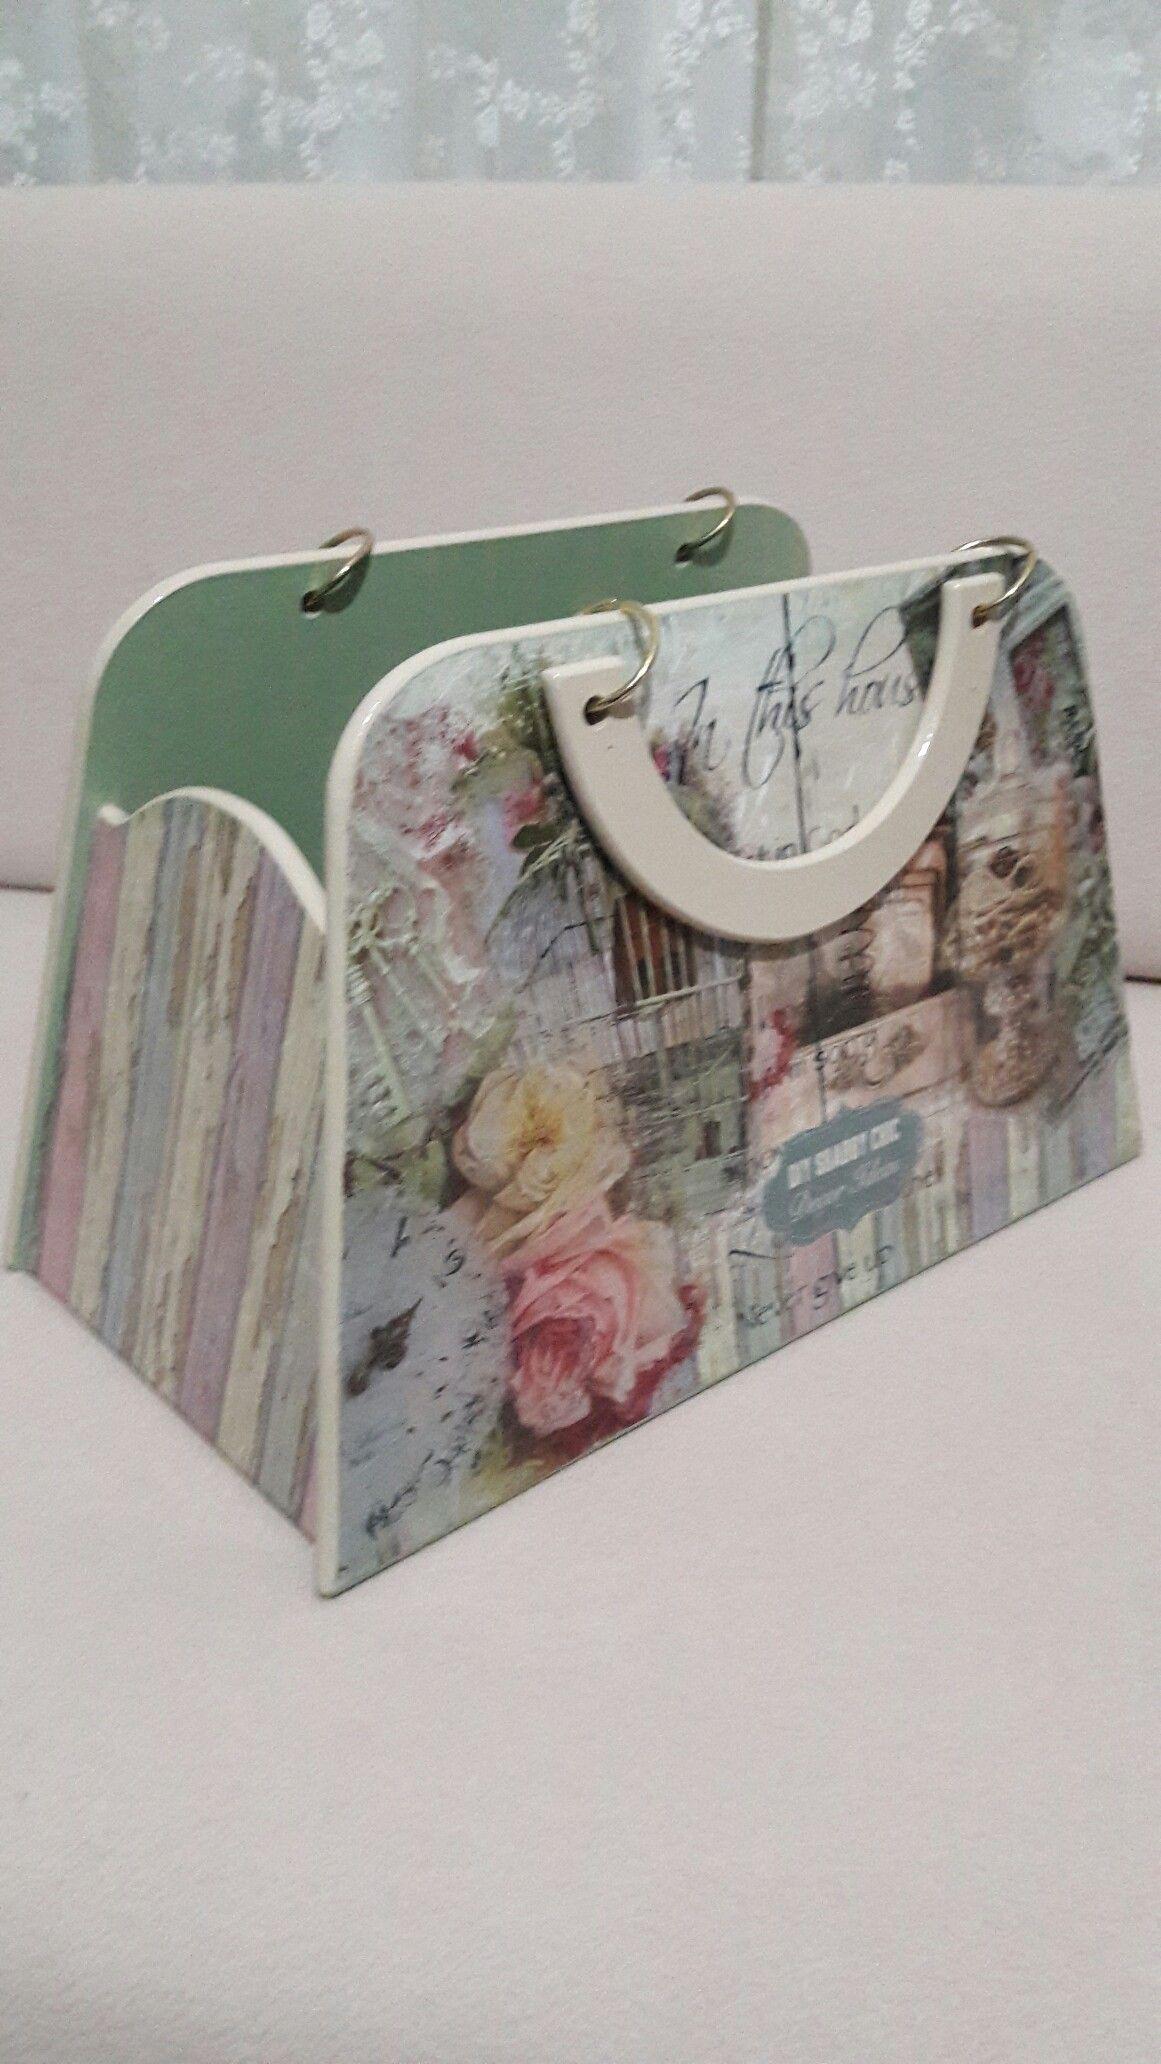 Pin de sevinç en boyamalarım | Pinterest | Cajas, Bolsos y Madera